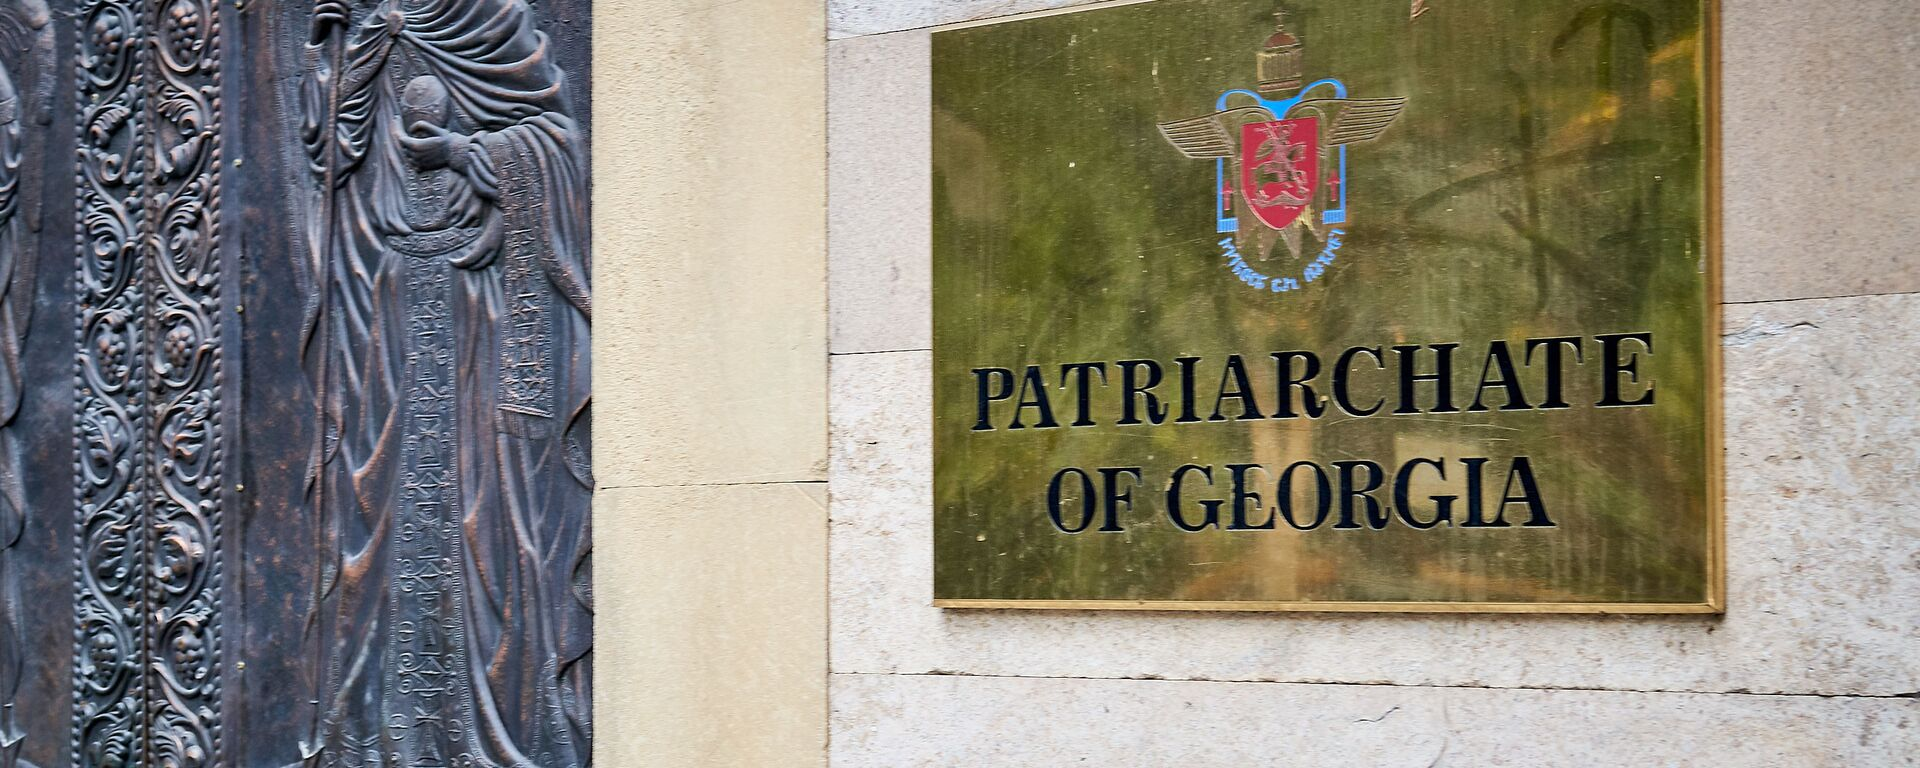 Патриархия Грузии. Вход в здание - Sputnik Грузия, 1920, 17.09.2021